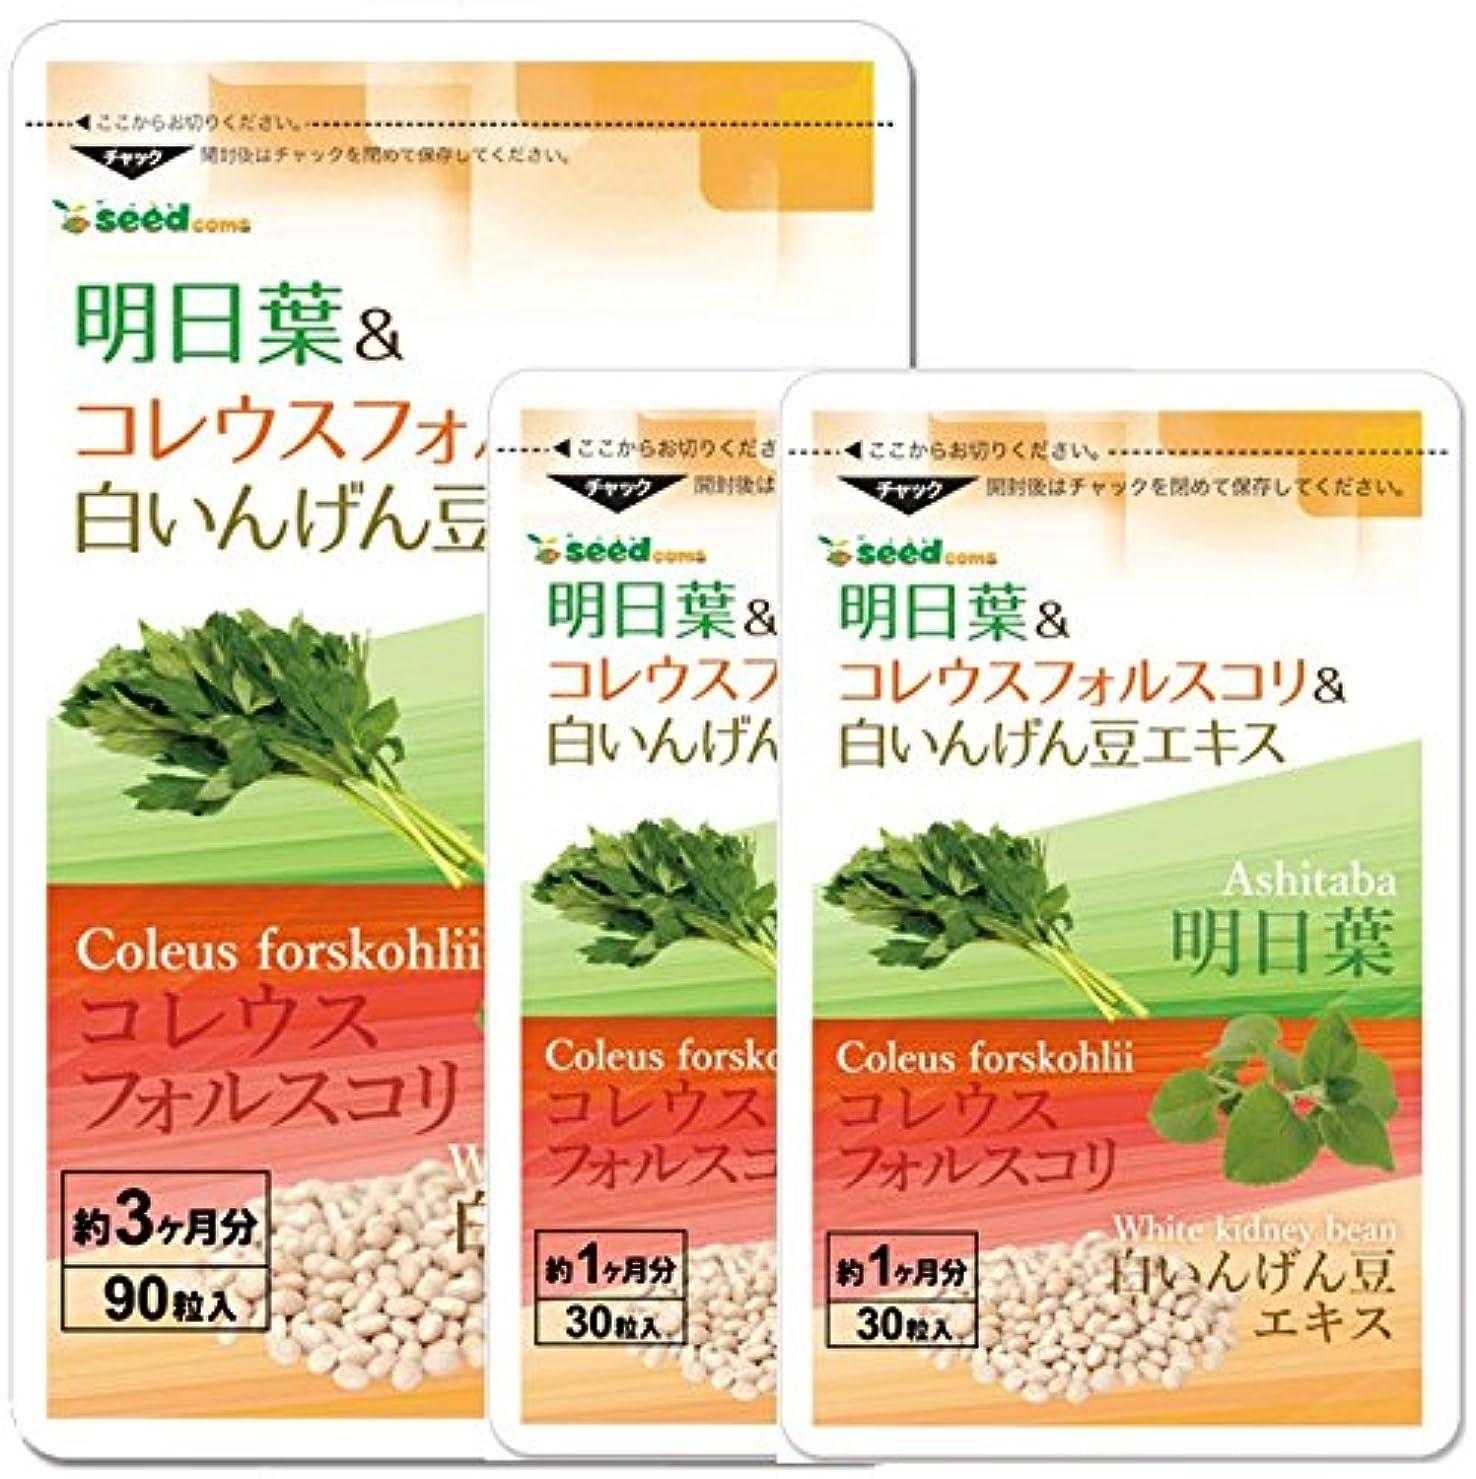 不機嫌概念アフリカ明日葉 & コレウスフォルスコリ & 白インゲン豆 エキス (約5ヶ月分/150粒) スッキリ&燃焼系&糖質バリアの3大ダイエット成分